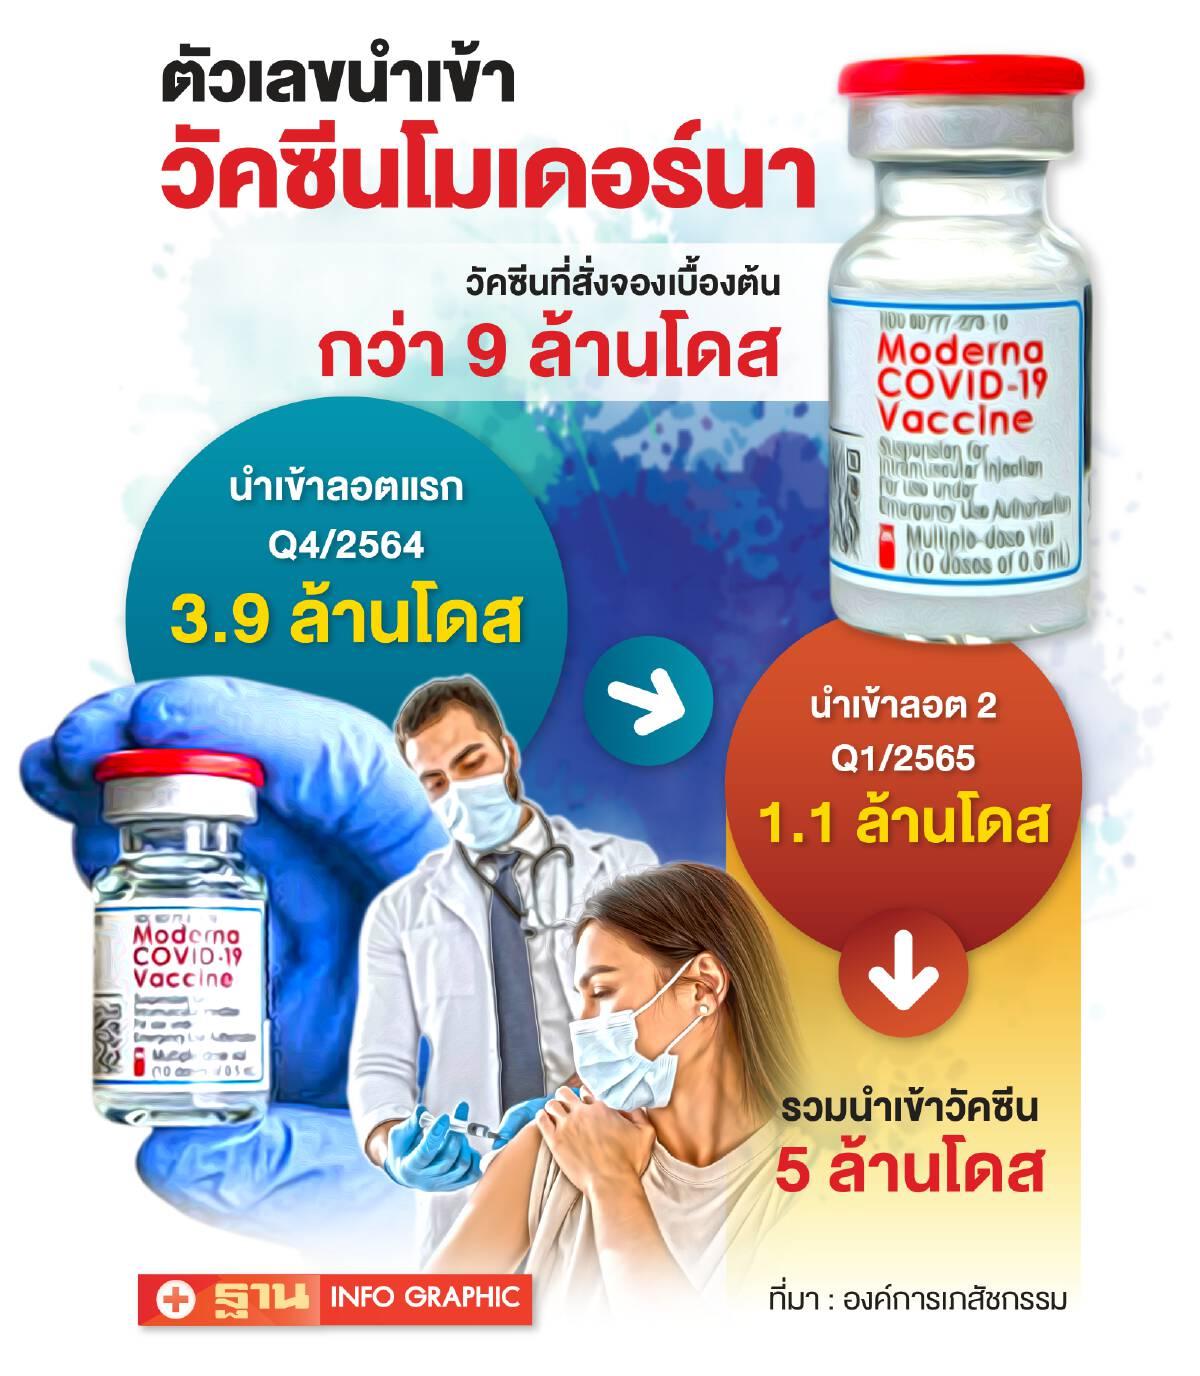 ตัวเลขนำเข้าวัคซีนโมเดอร์นา